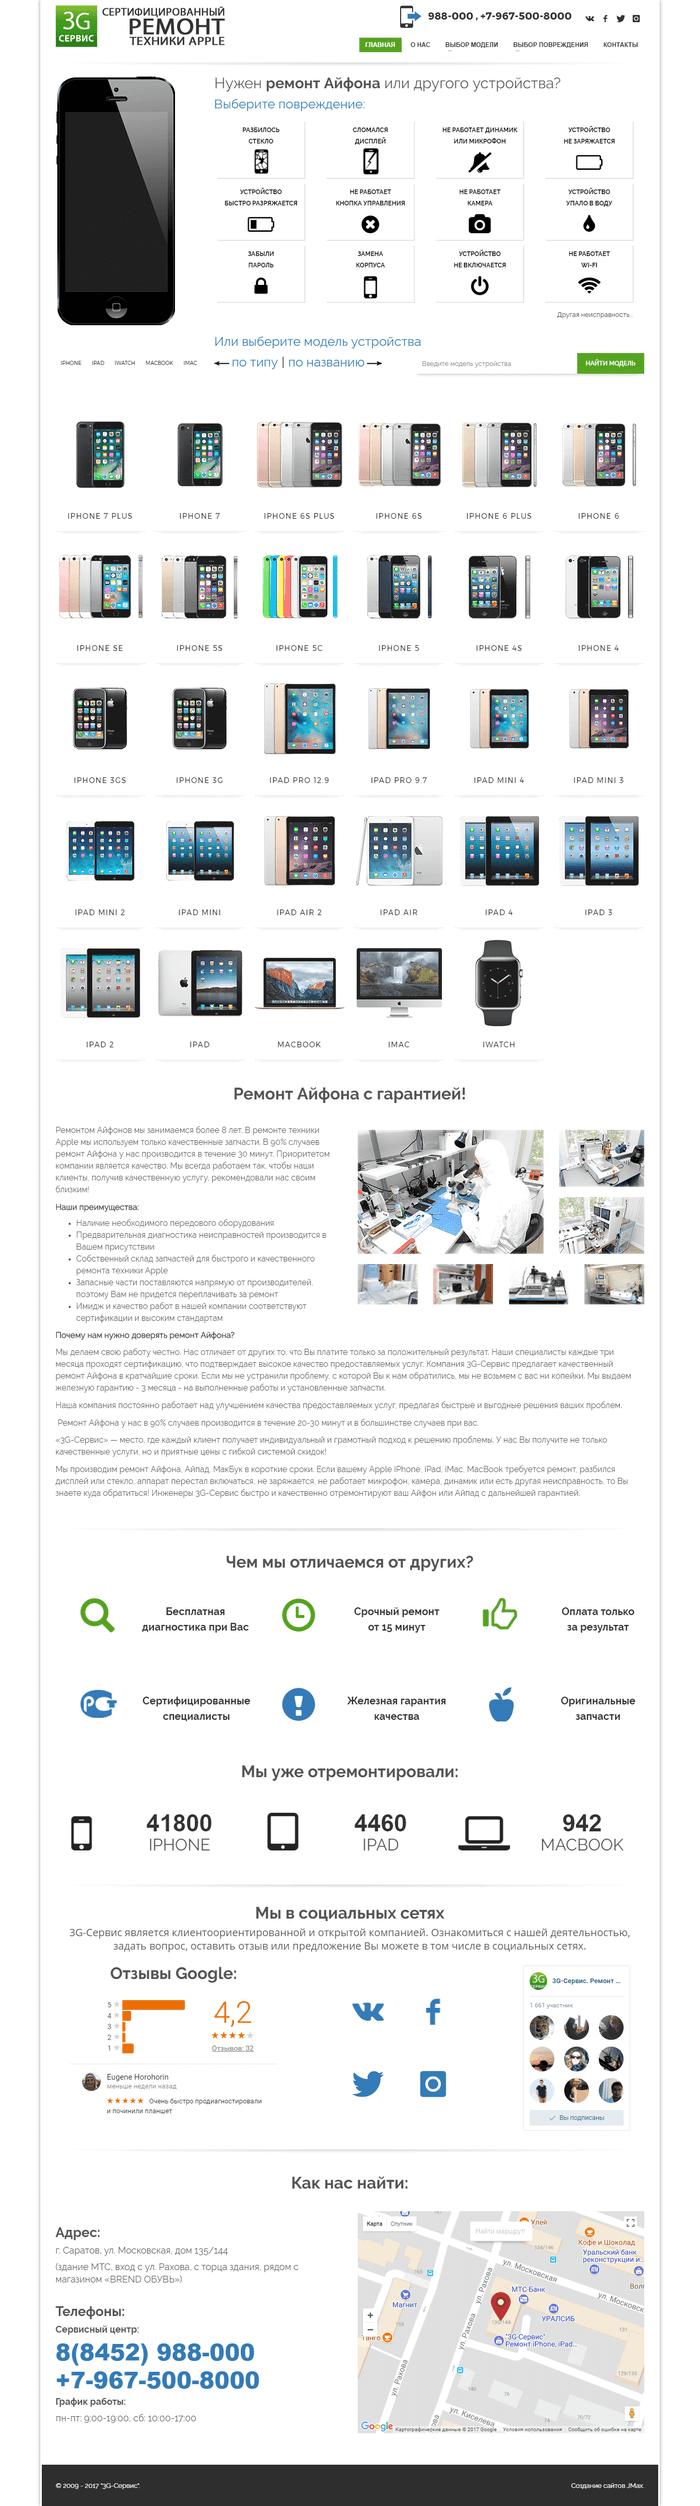 Главная страница сайта по ремонту техники Apple